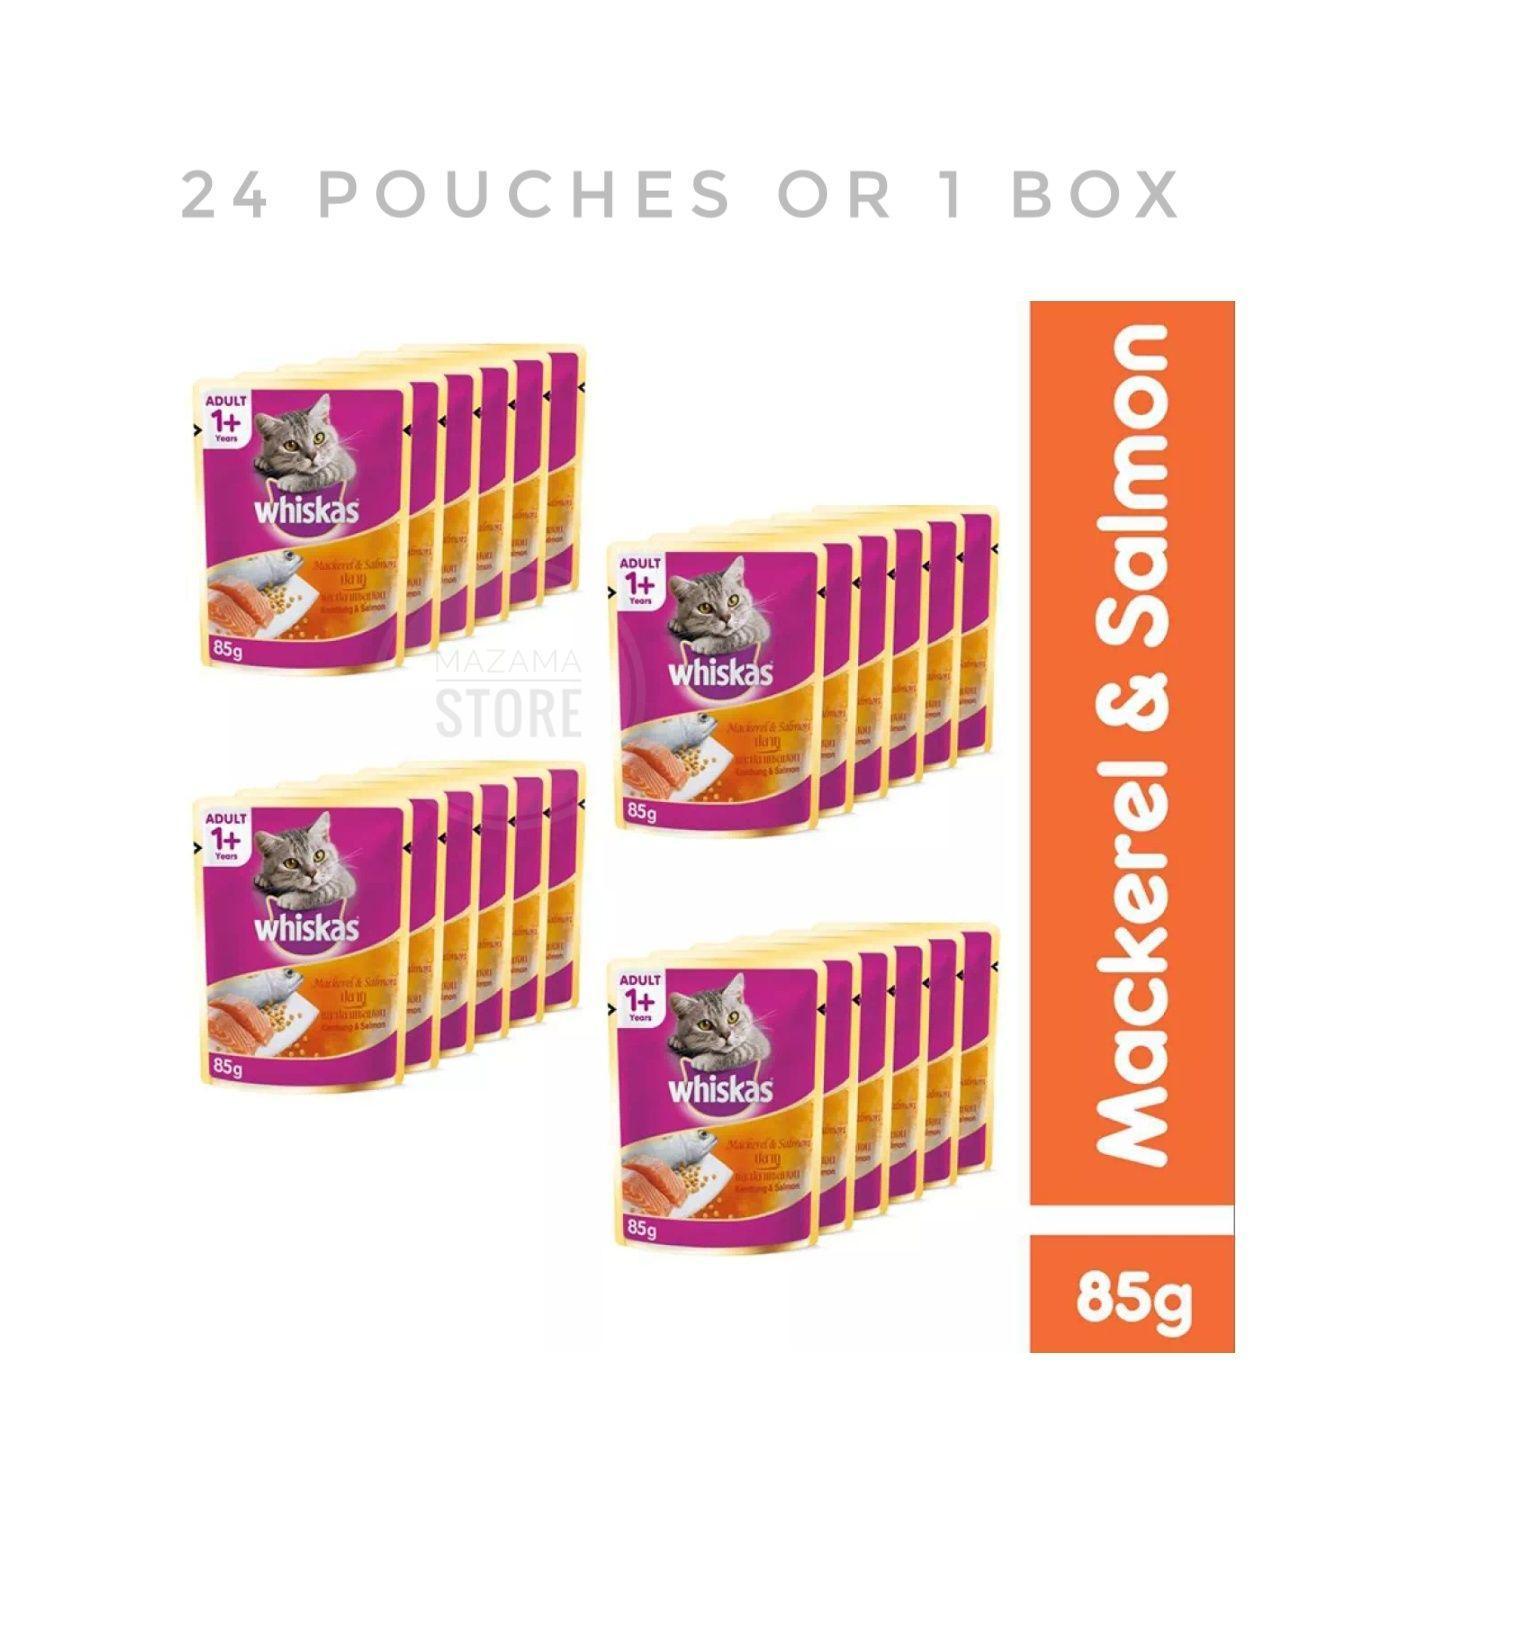 Jual Cat Food Whiskas Murah Garansi Dan Berkualitas Id Store Dry 12kg Makanan Kucing Kering Rasa Grilled Saba Rp 43500 6 Pouches Untuk